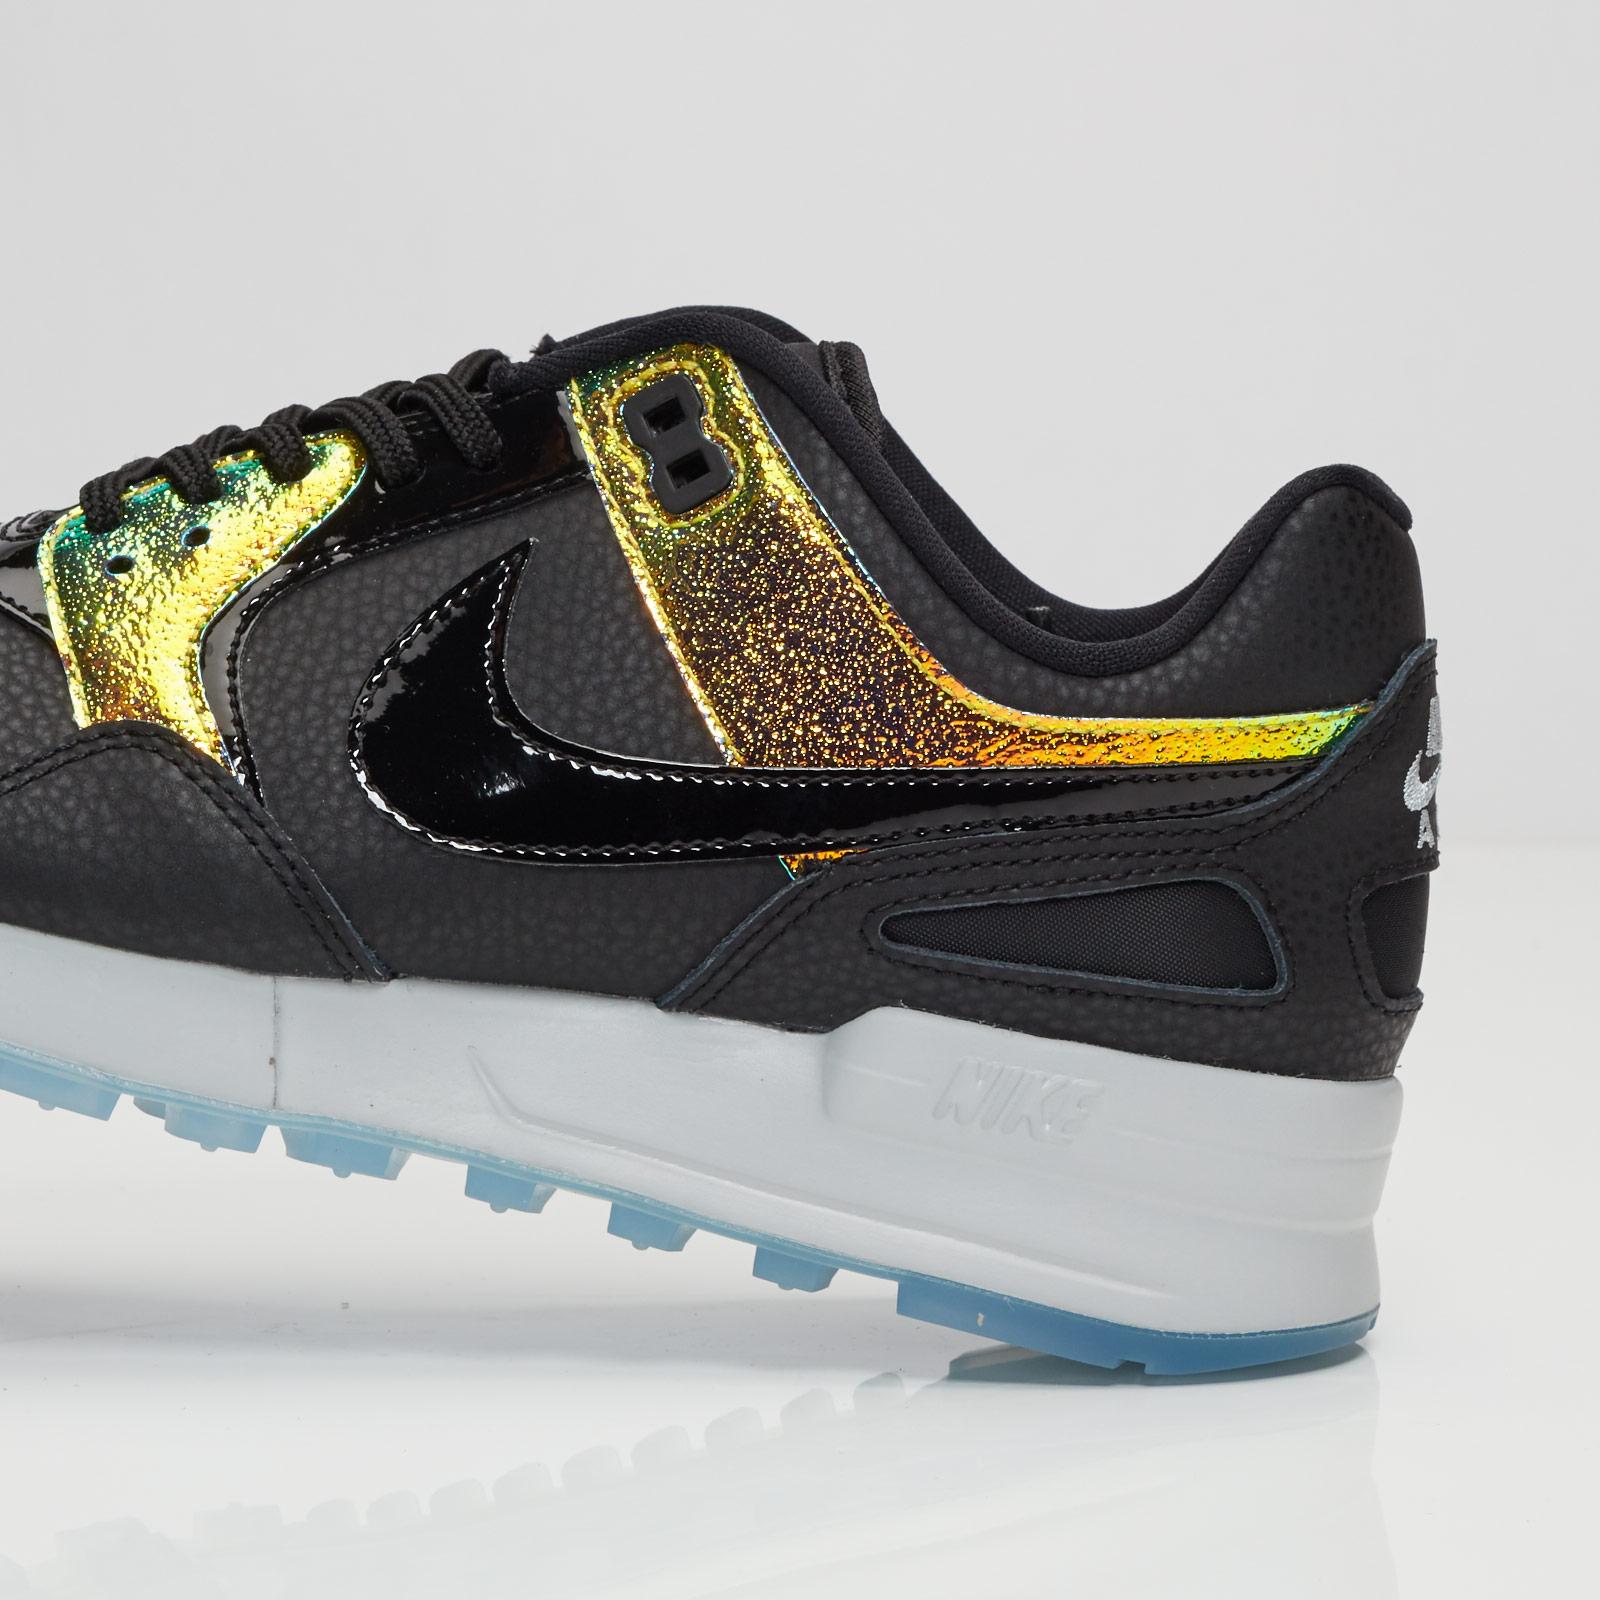 huge discount 9c9ef 6fa4c Nike Wmns Air Pegasus 89 Premium - 844889-002 - Sneakersnstuff   sneakers    streetwear online since 1999